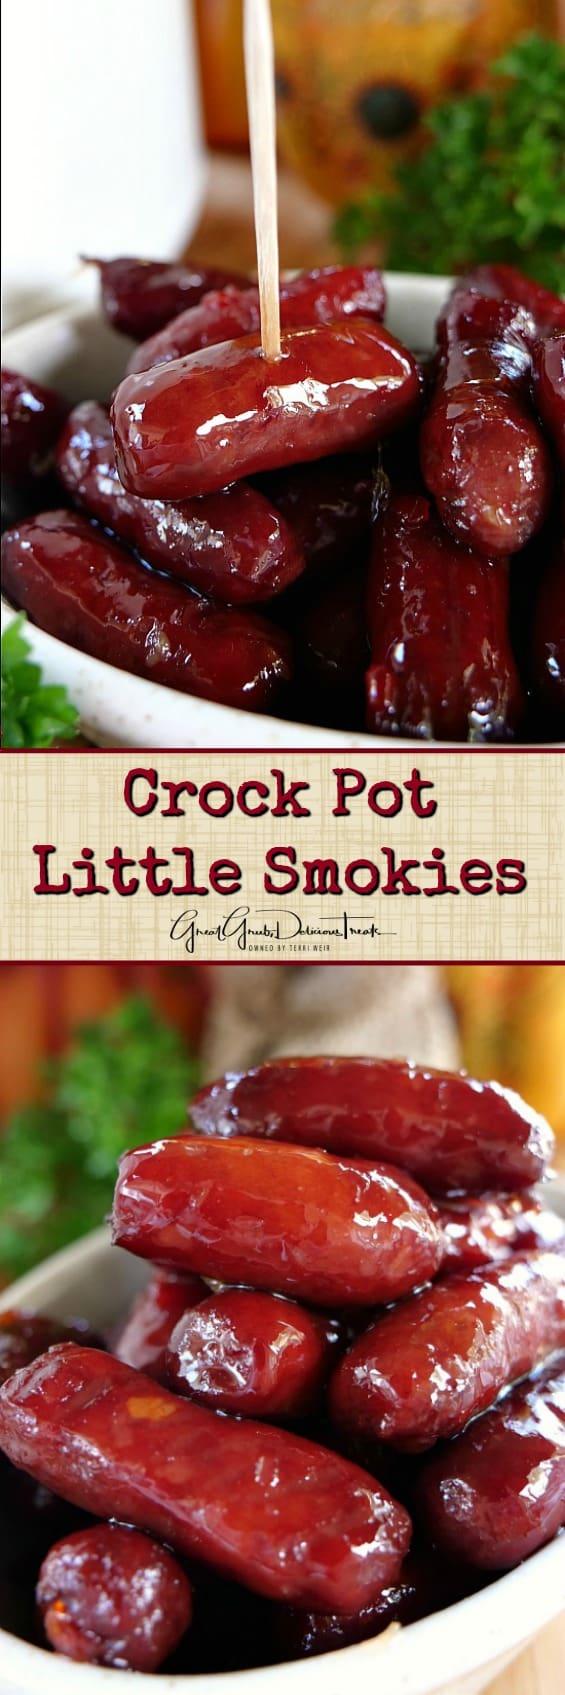 Crock Pot Little Smokies